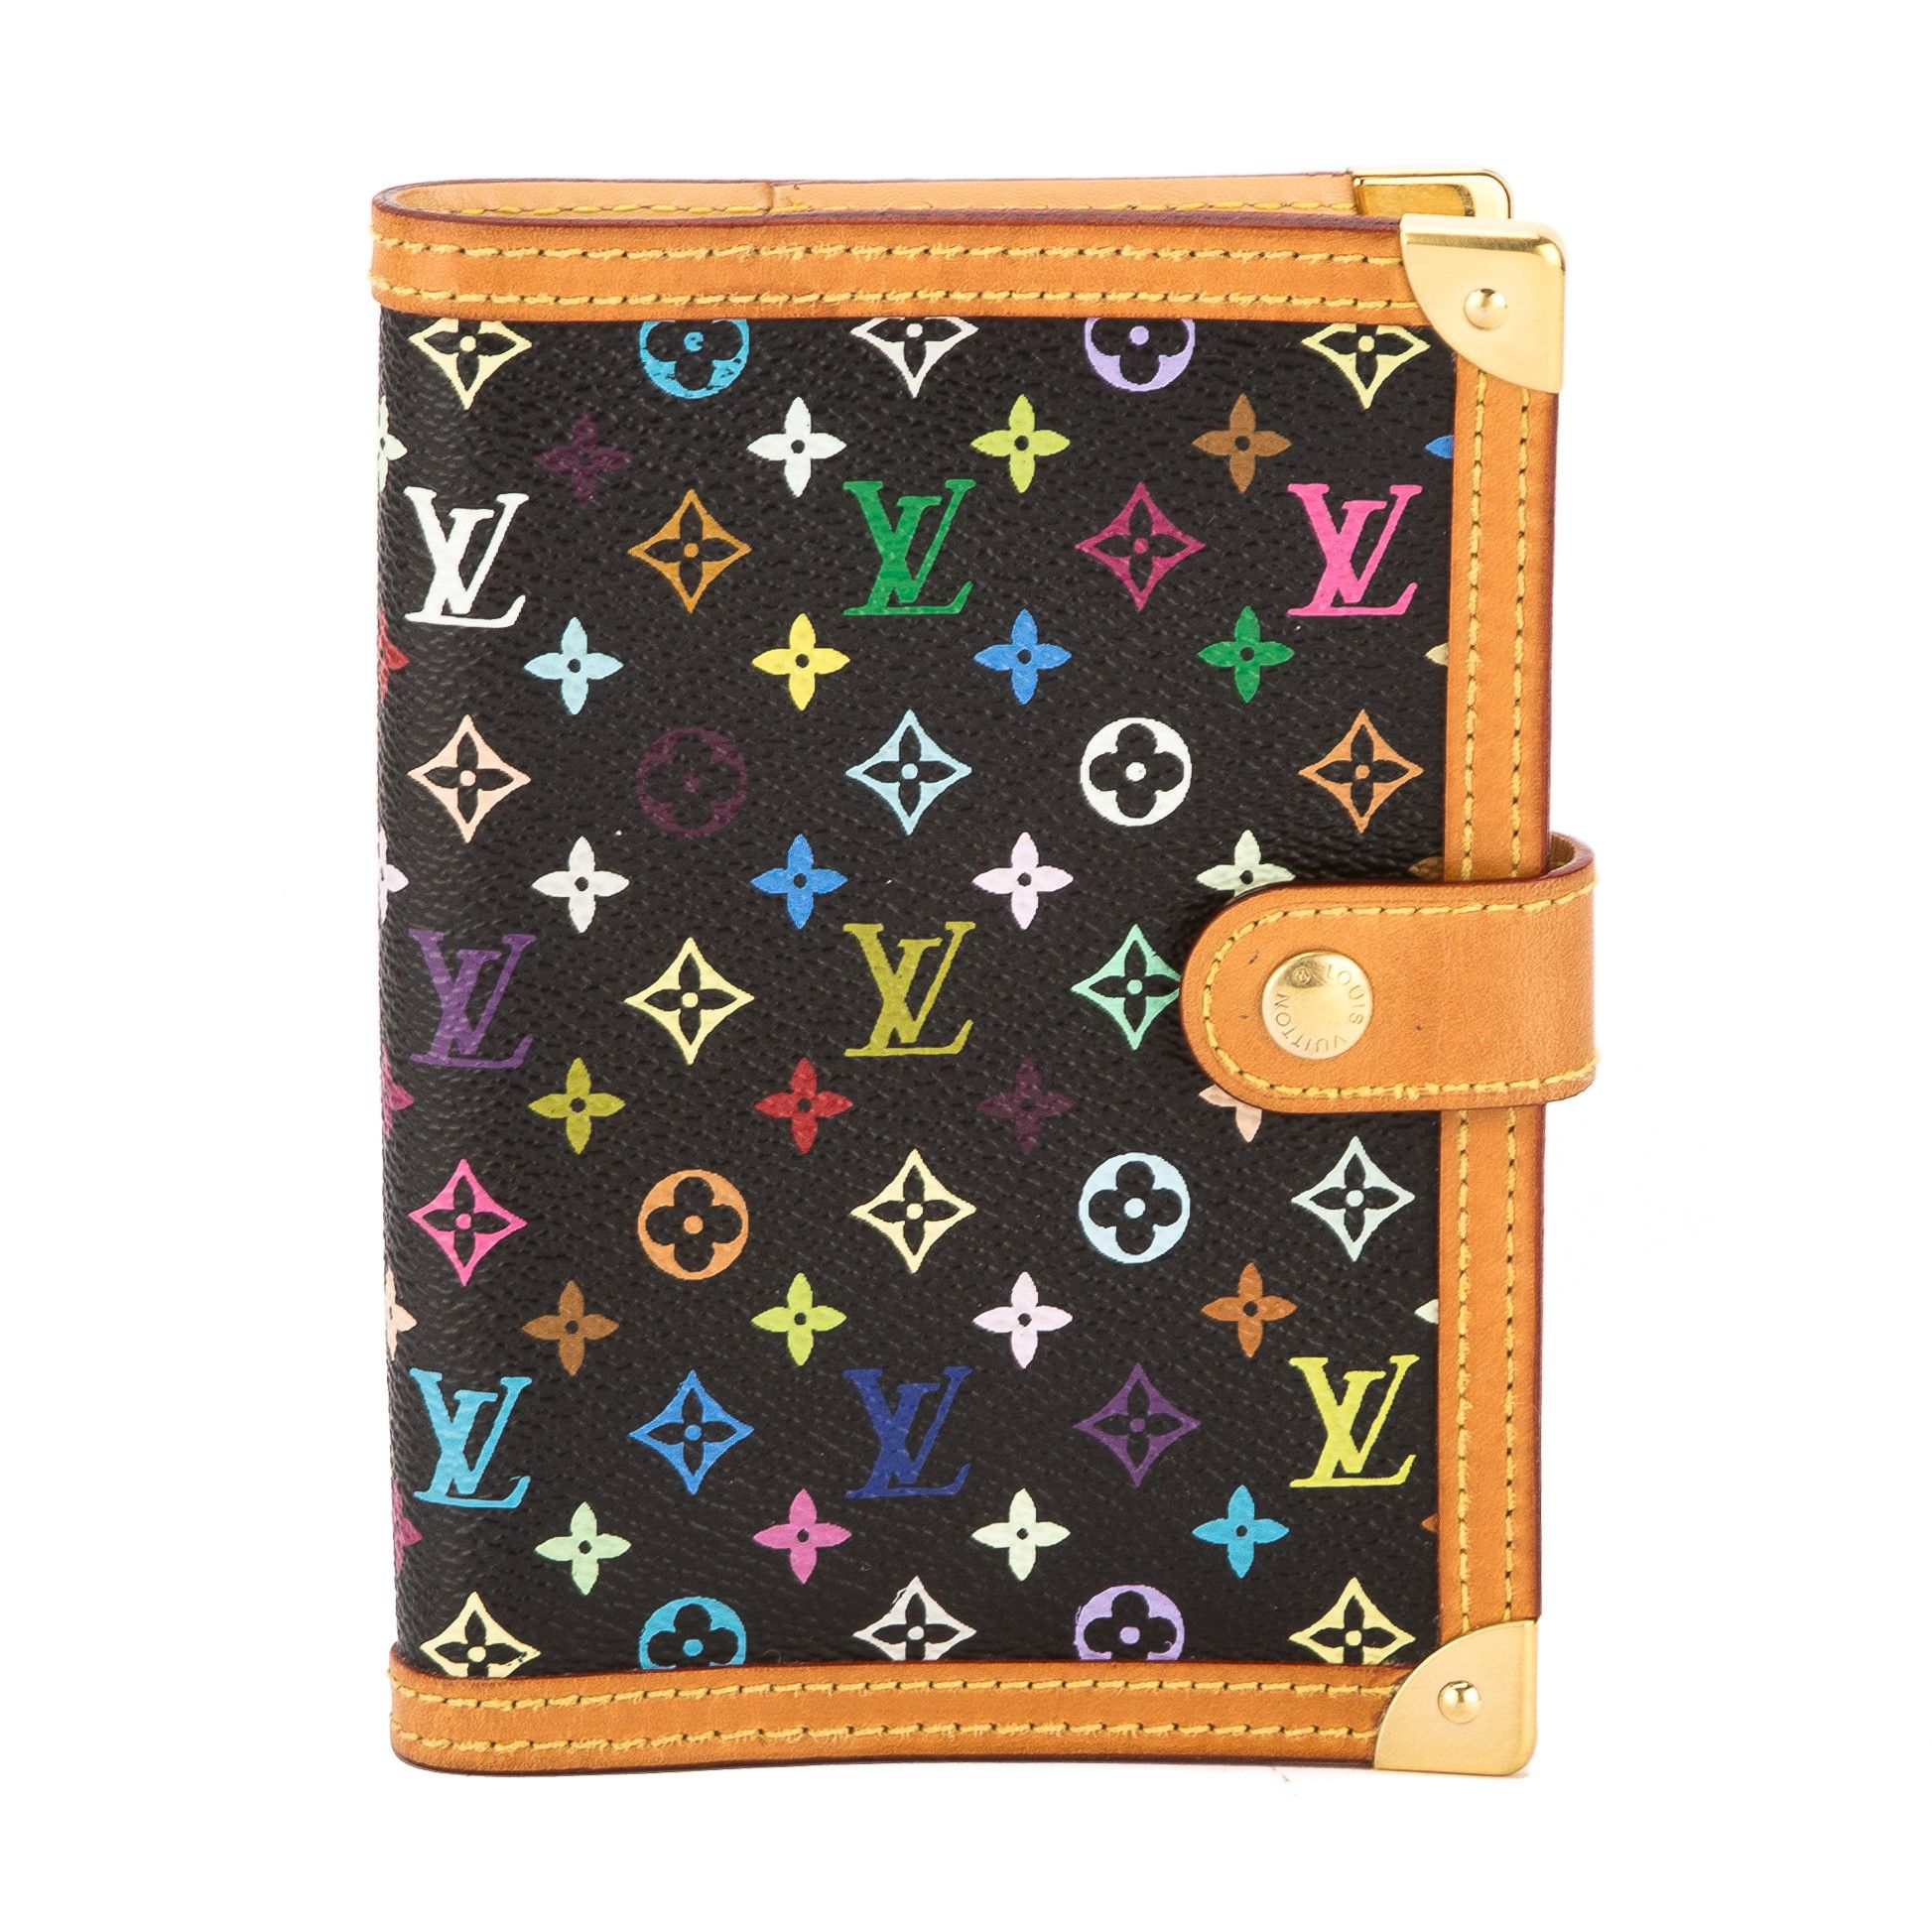 a84162f54f9a Louis Vuitton Black Monogram Canvas Multicolore Agenda PM Day Planner -  3506040